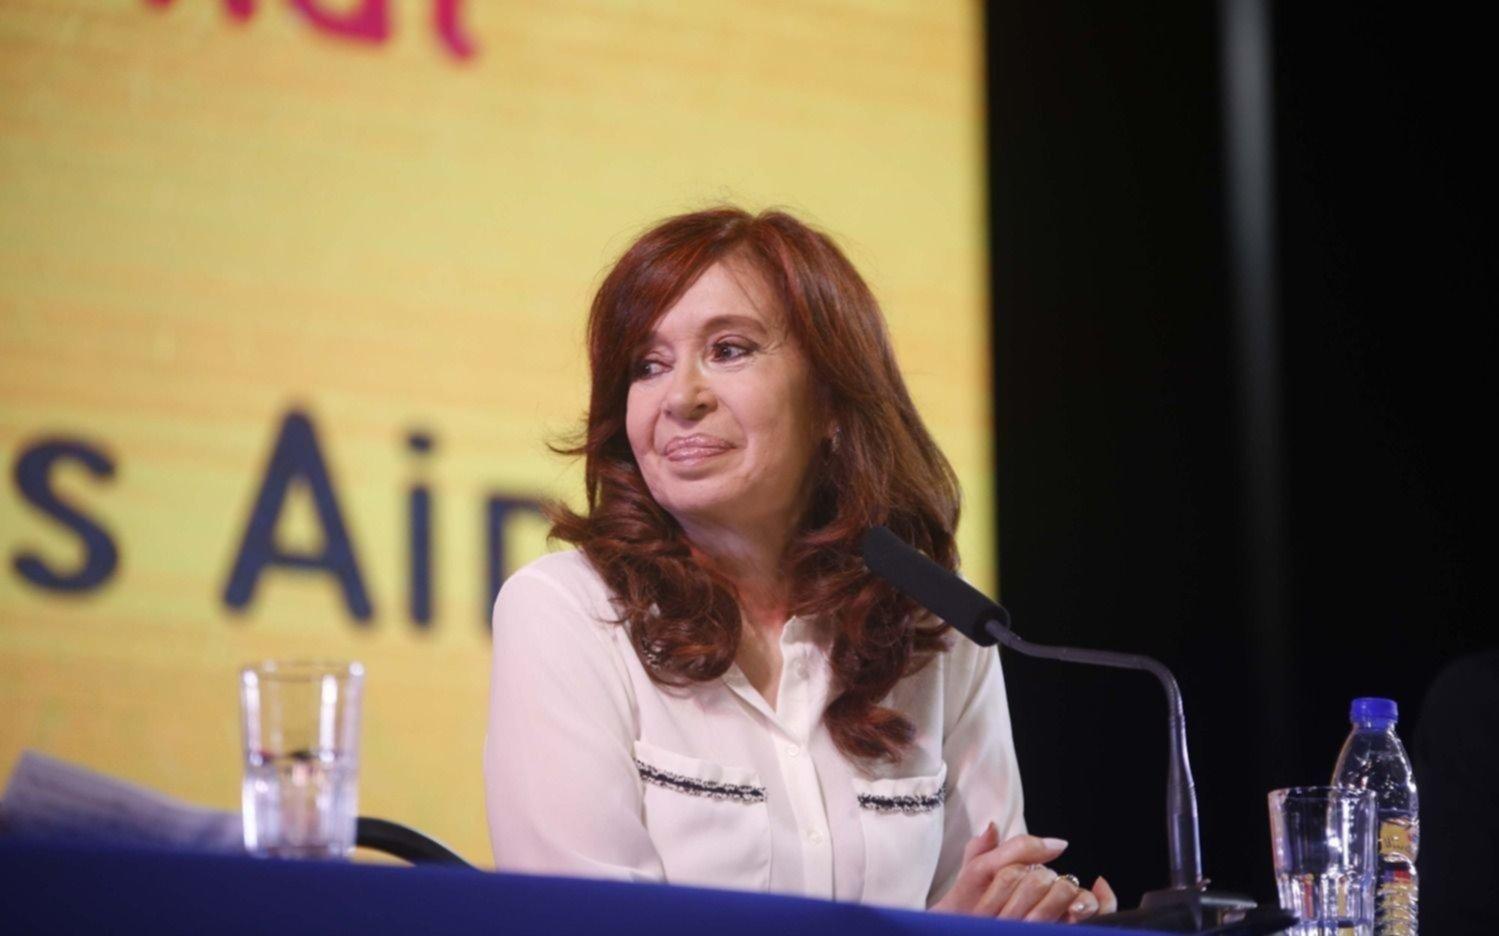 Unifican los juicios contra Cristina Kirchner en las causas Hotesur y Los Sauces